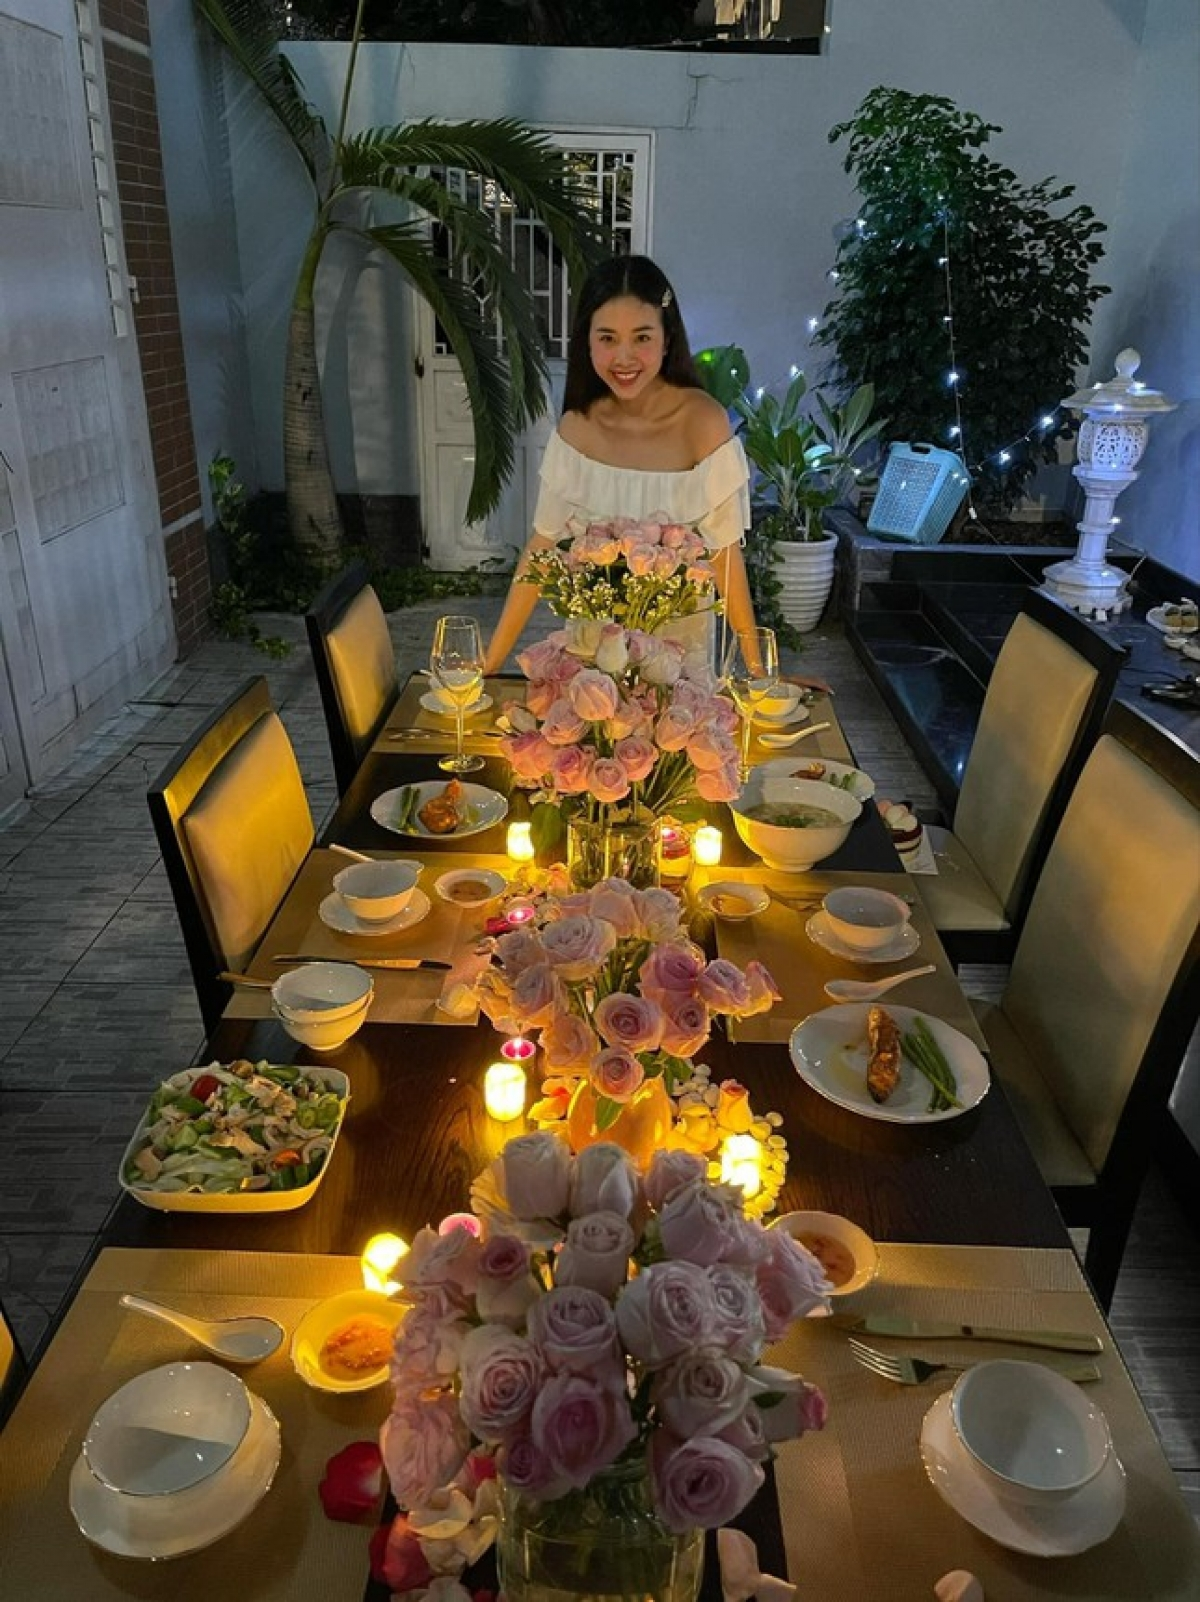 Á hậu Thúy An và ông xã kết hôn hồi tháng 1/2021, sau khi người đẹp sinh năm 1997 hoàn thành 2 năm nhiệm kỳ.